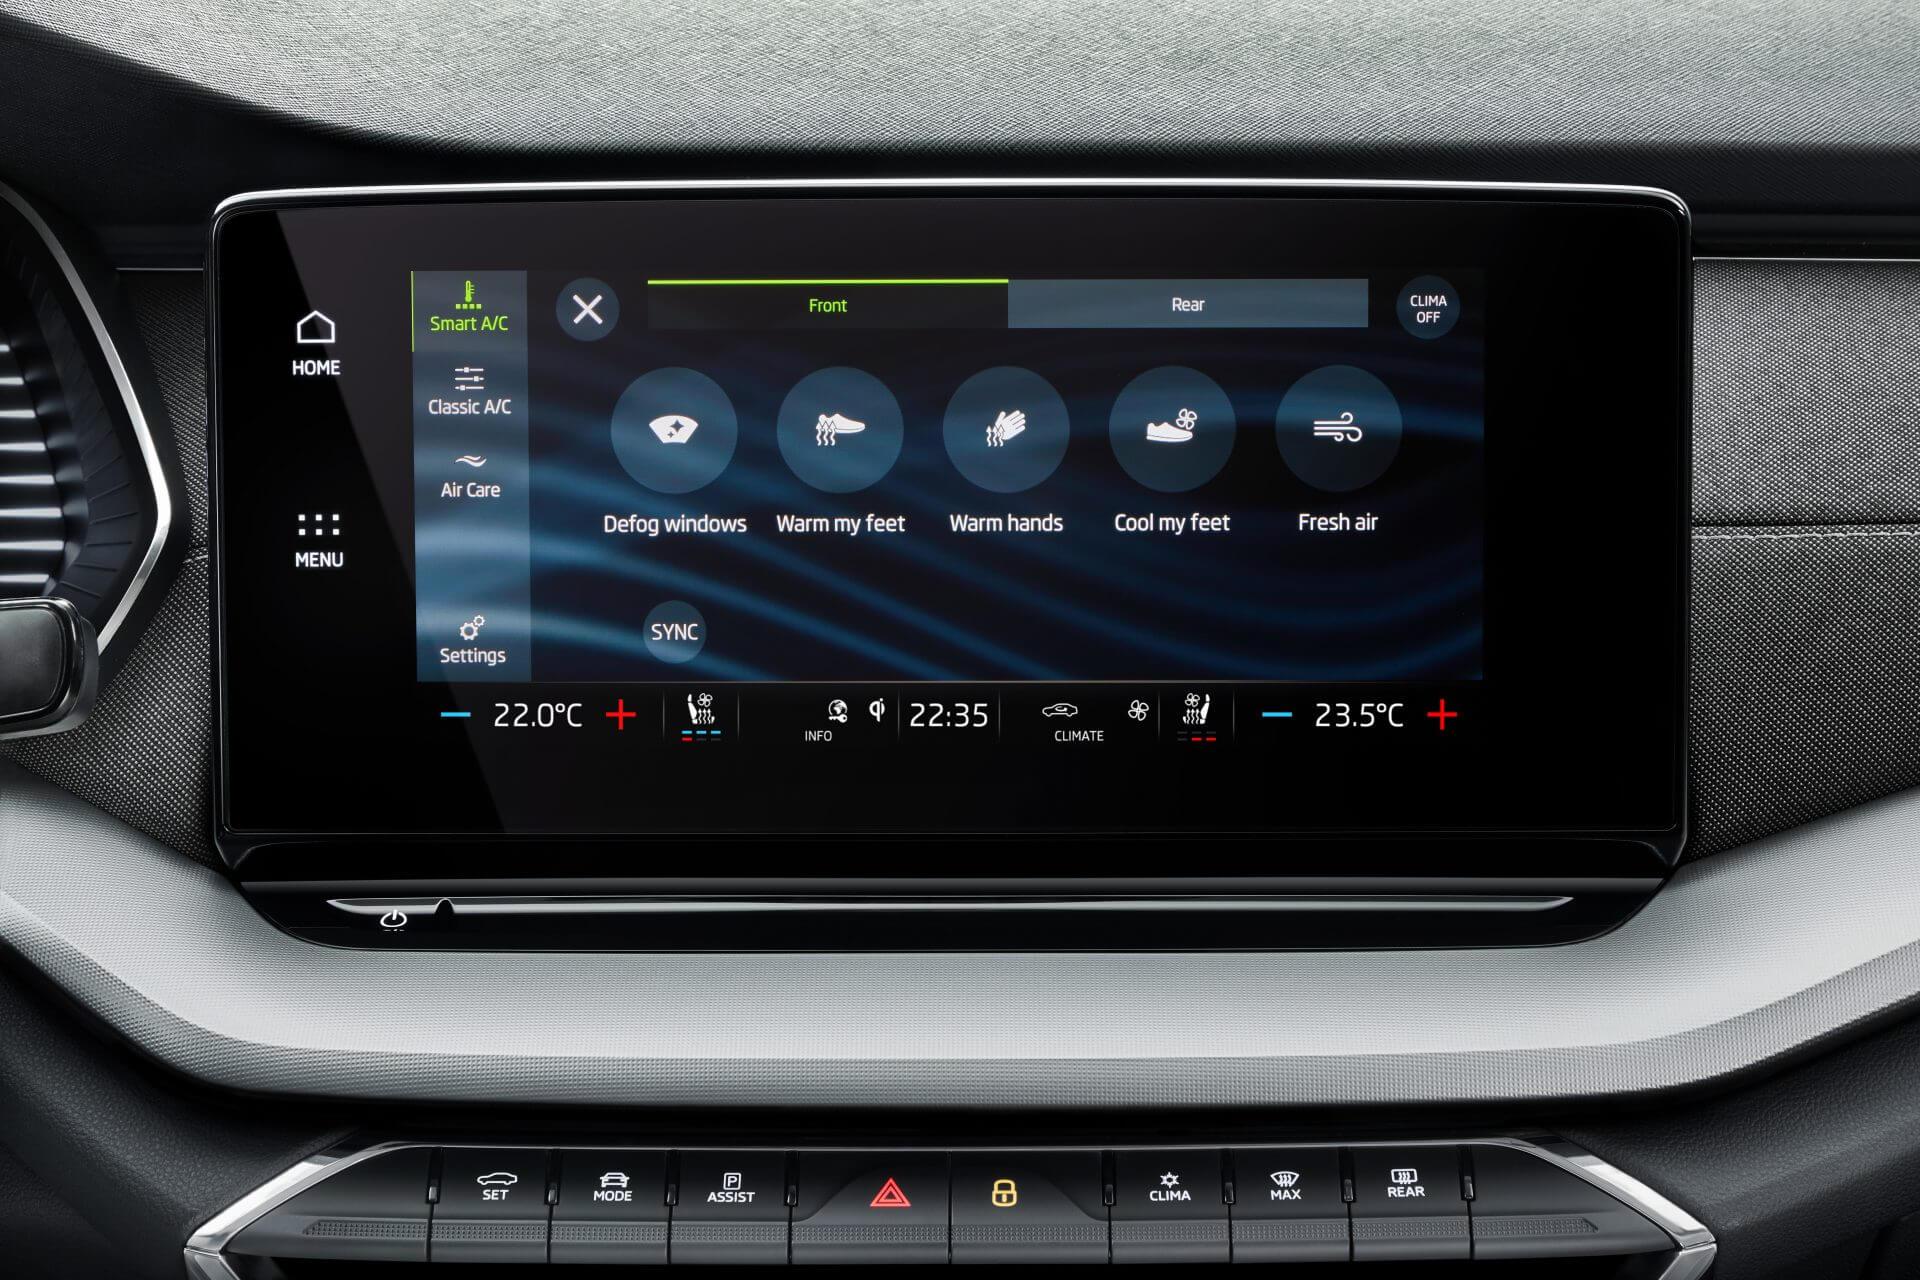 Νέα SKODA Octavia Sportswagon | Προηγμένο σύστημα infotainment